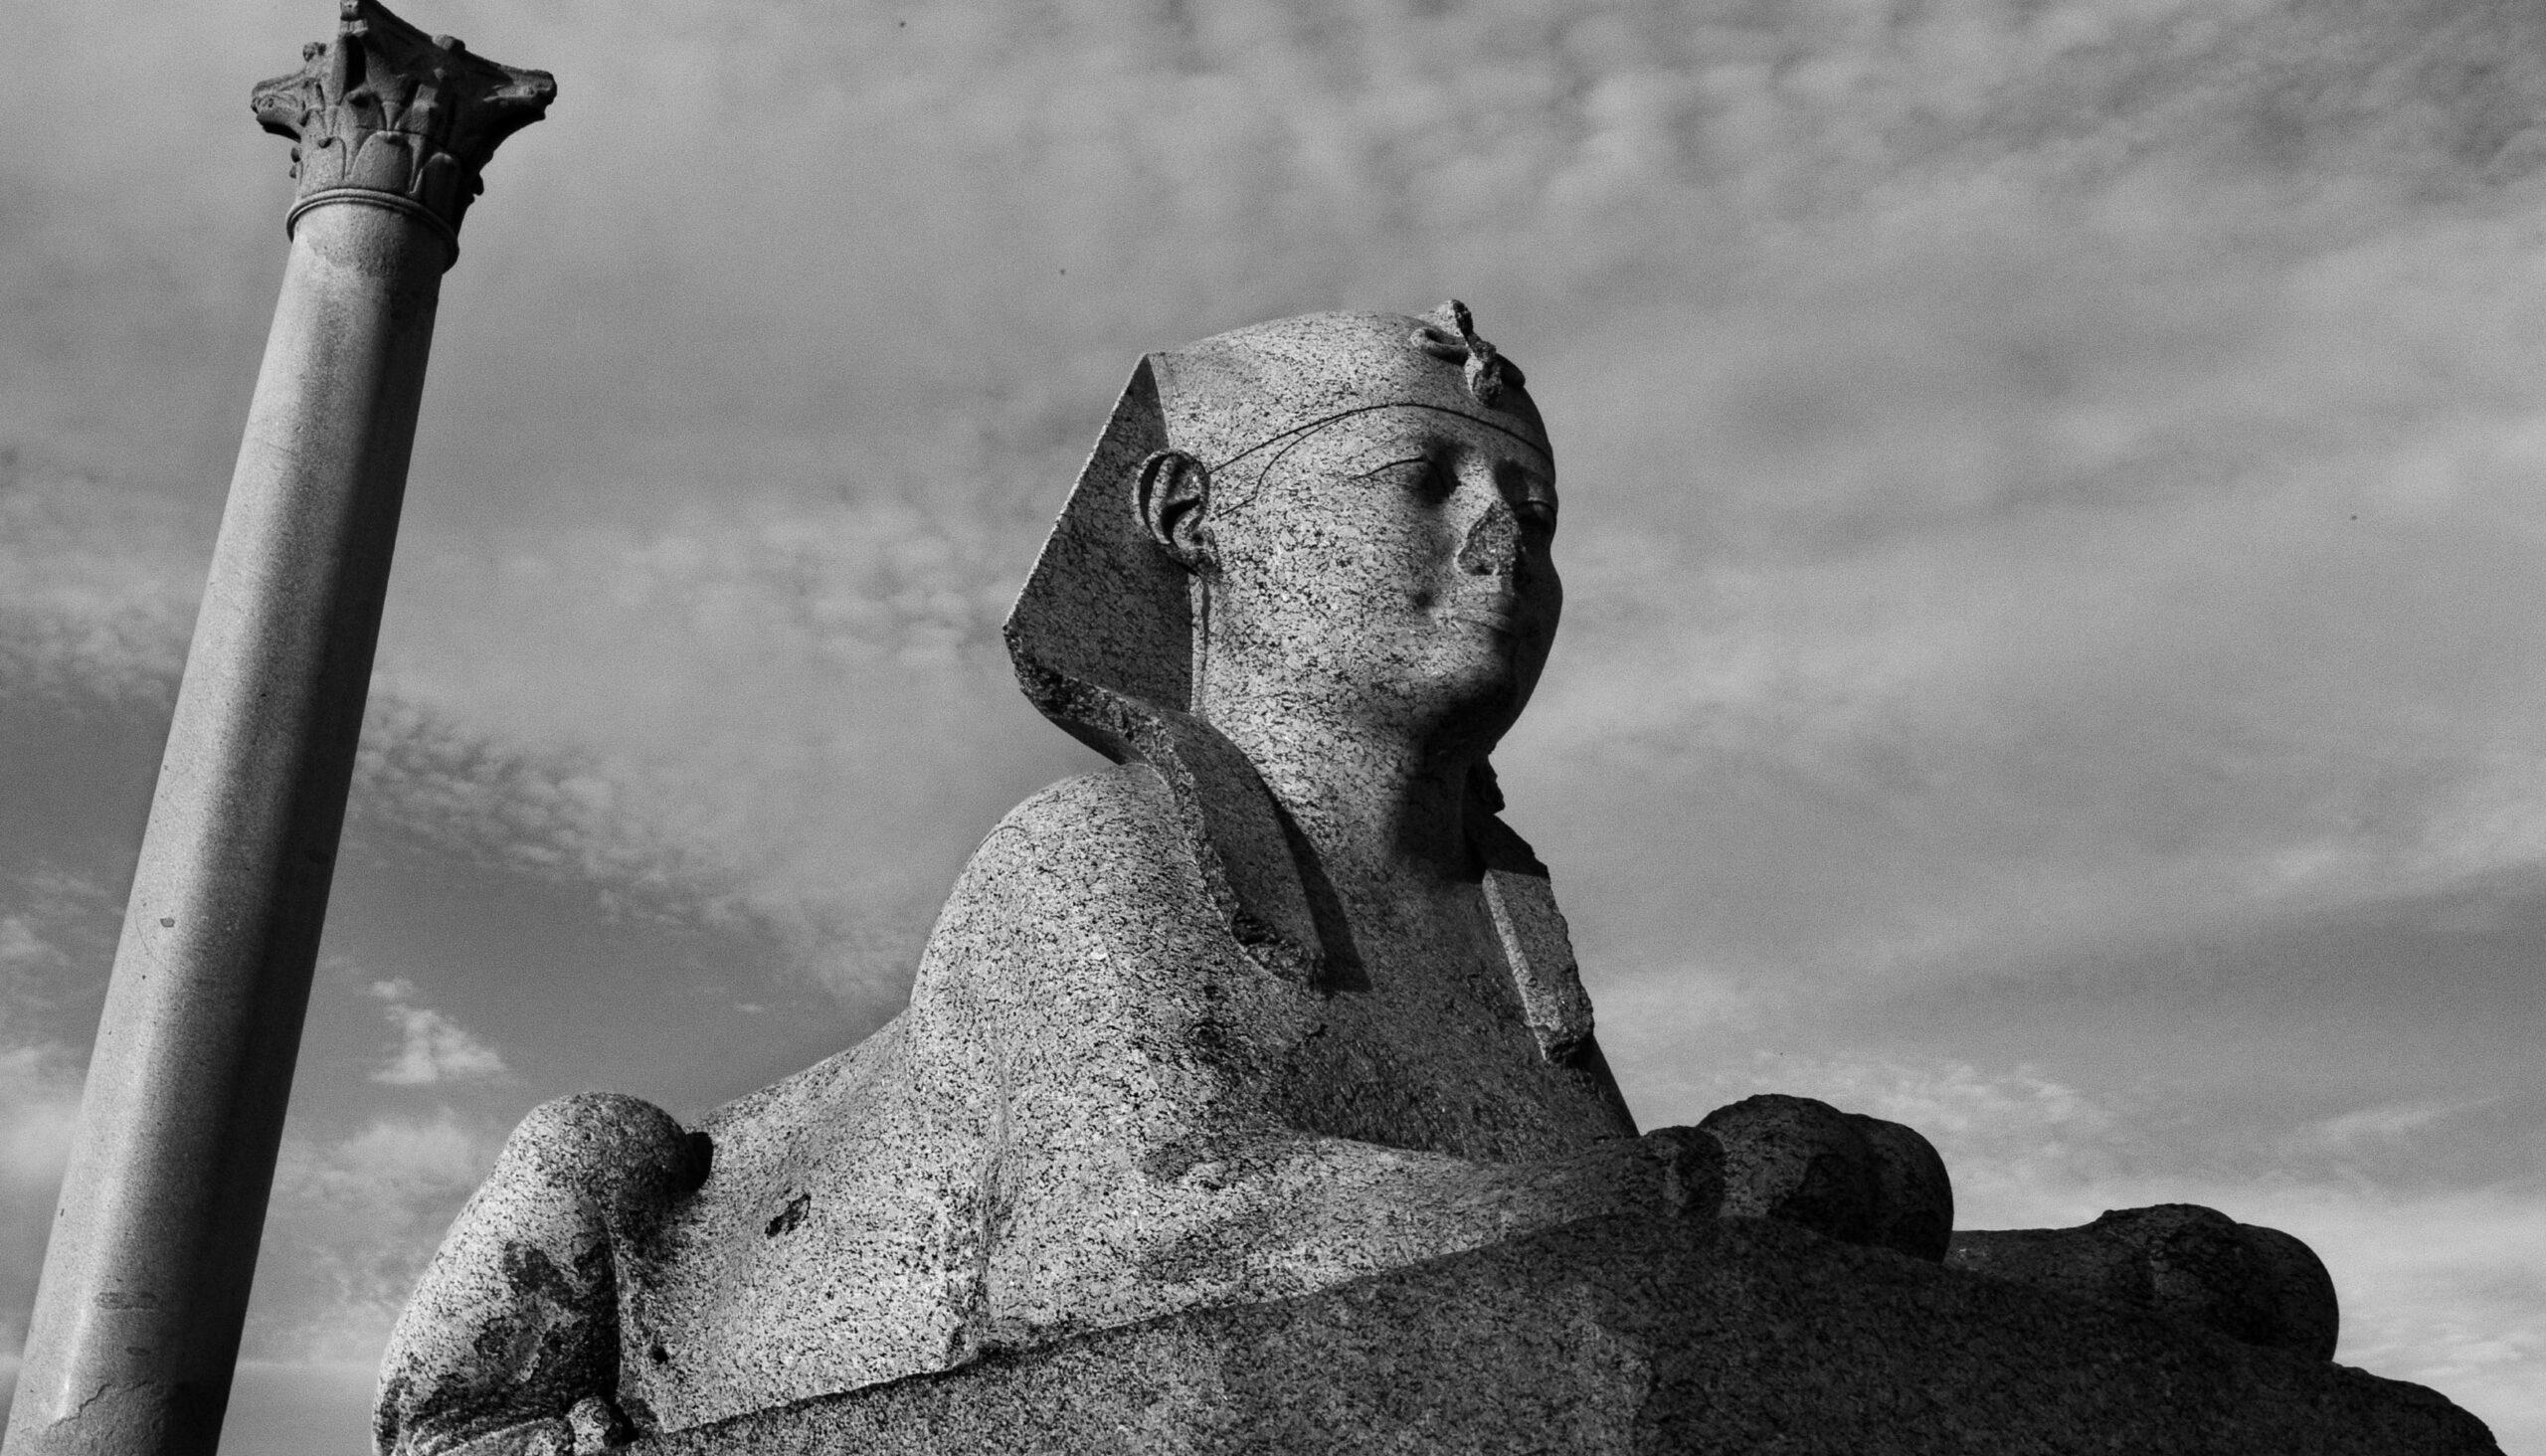 """Campidoglio, quattro incontri online per la mostra """"Josef Koudelka. Radici. Evidenza della storia, enigma della bellezza"""""""